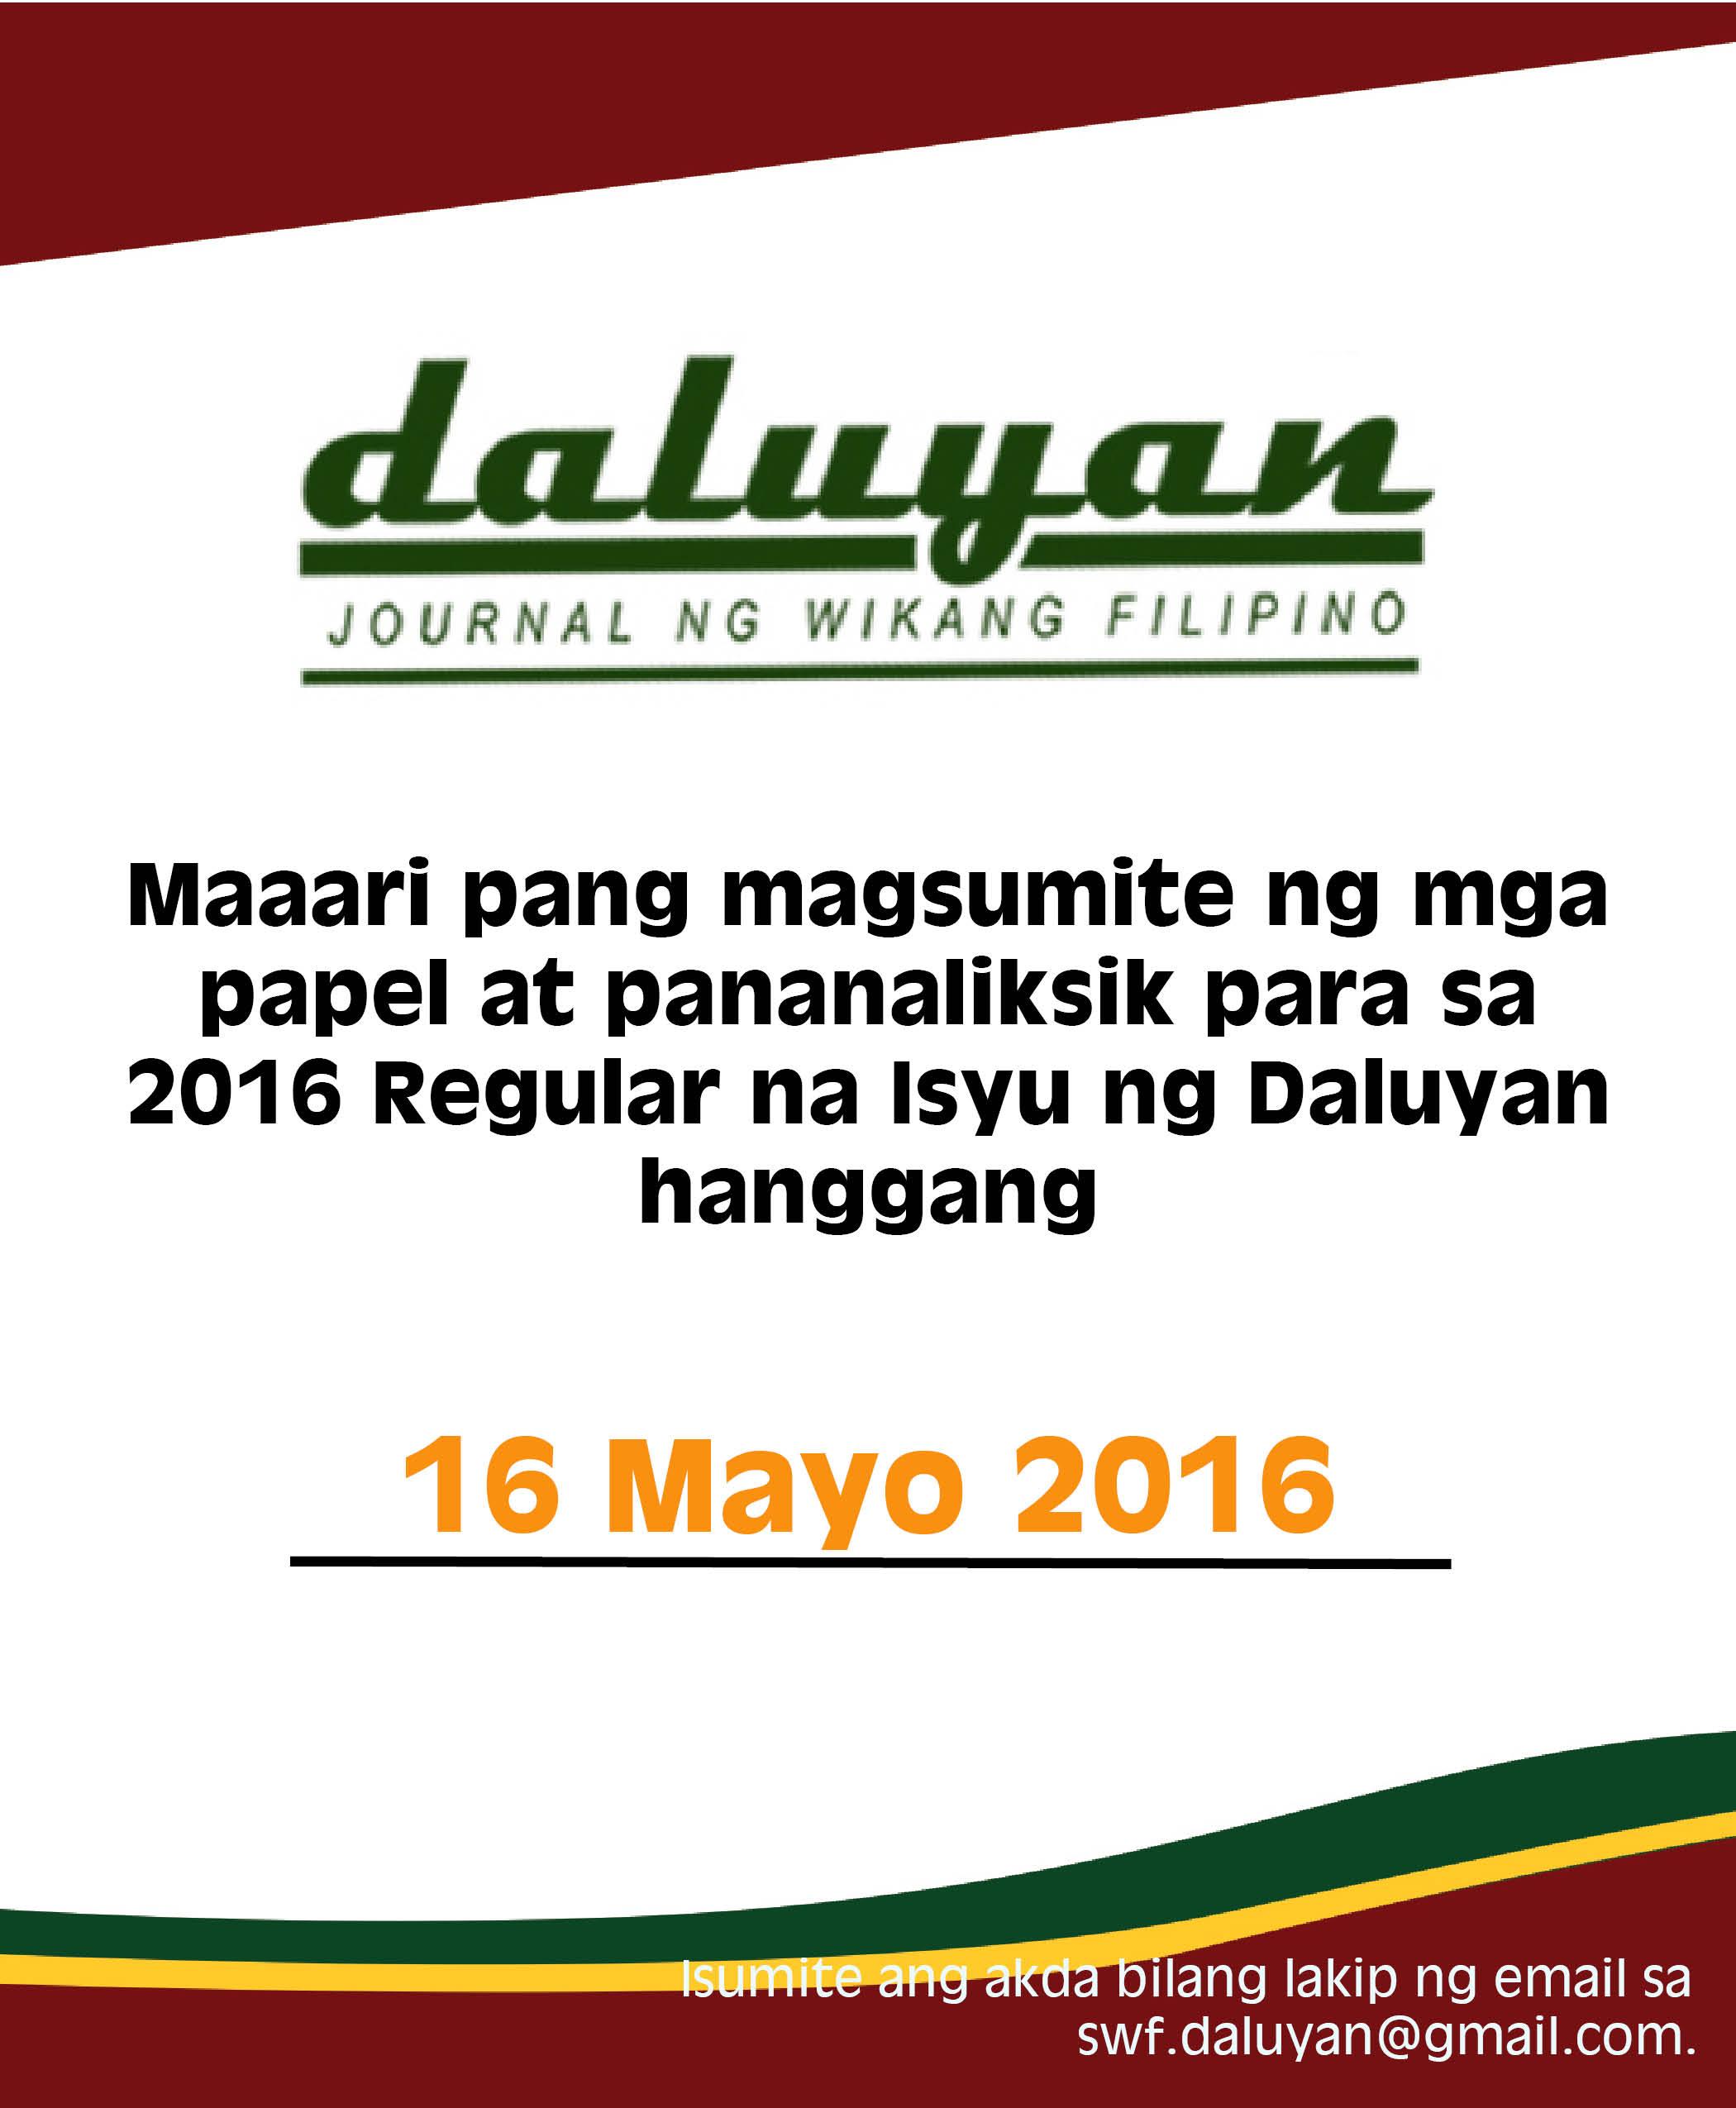 sanaysay tungkol sa wikang filipino/